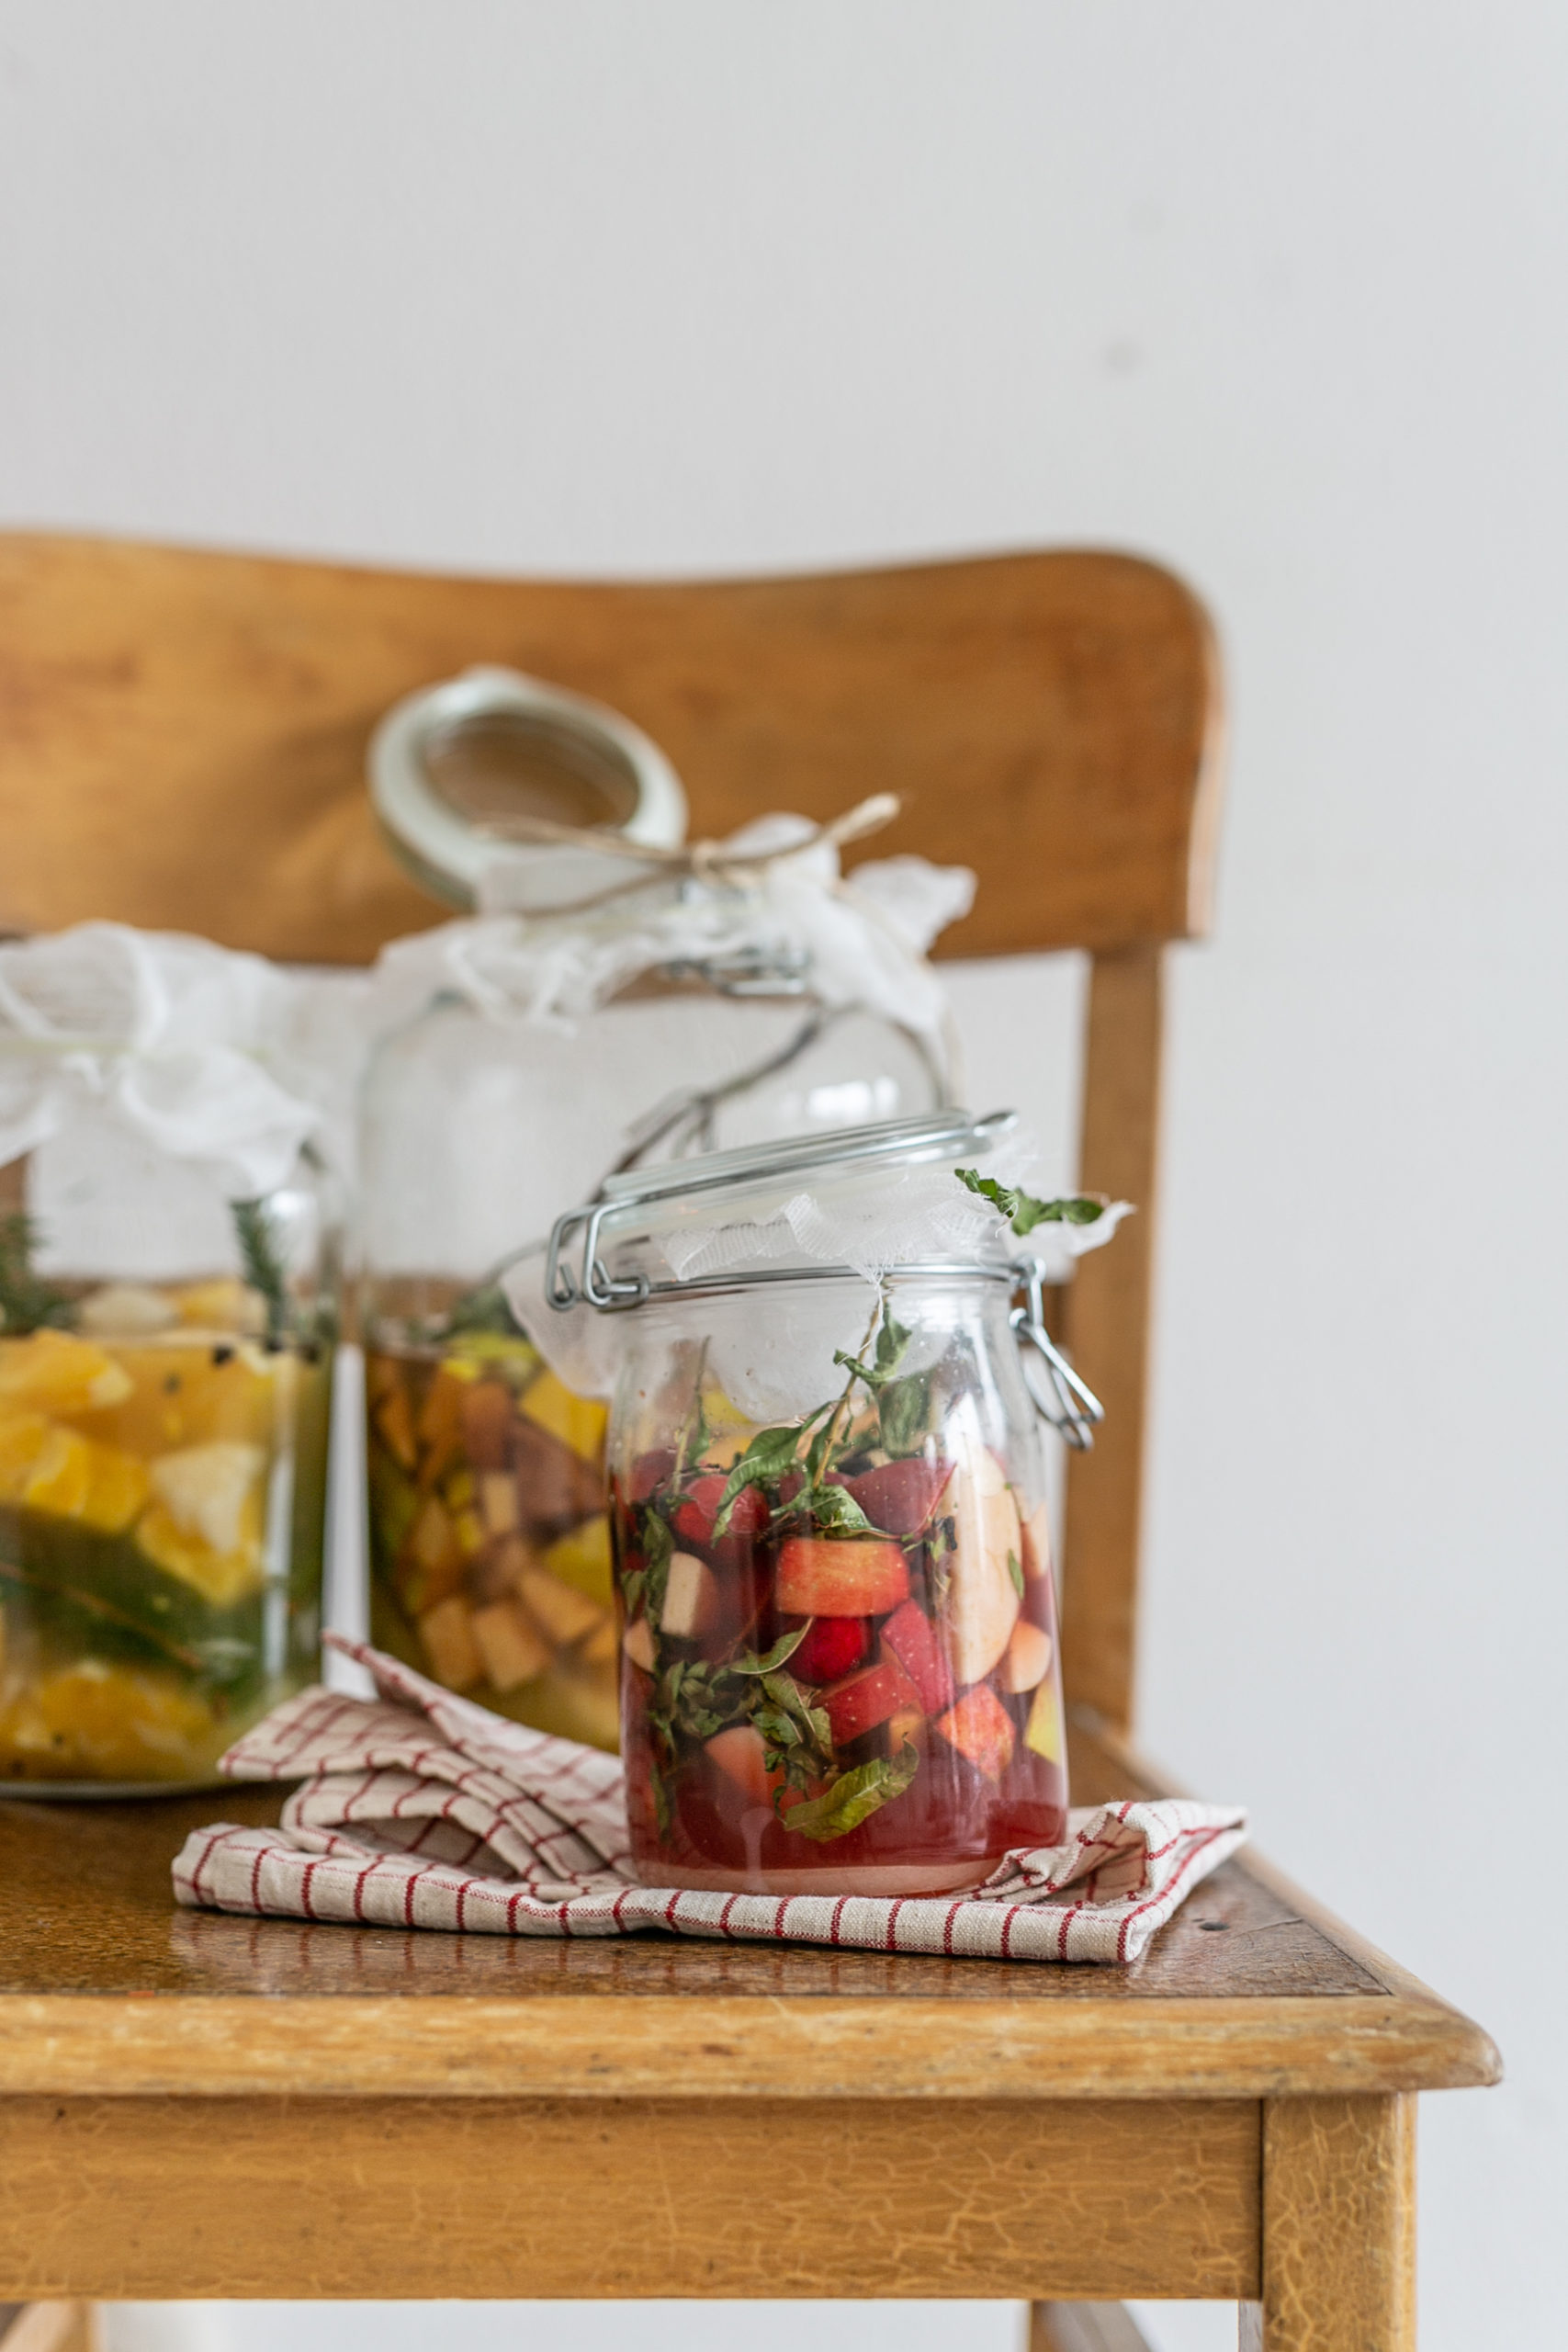 Winter Shrub - Apfel Hagebutte und Zitronenverbene im Glas